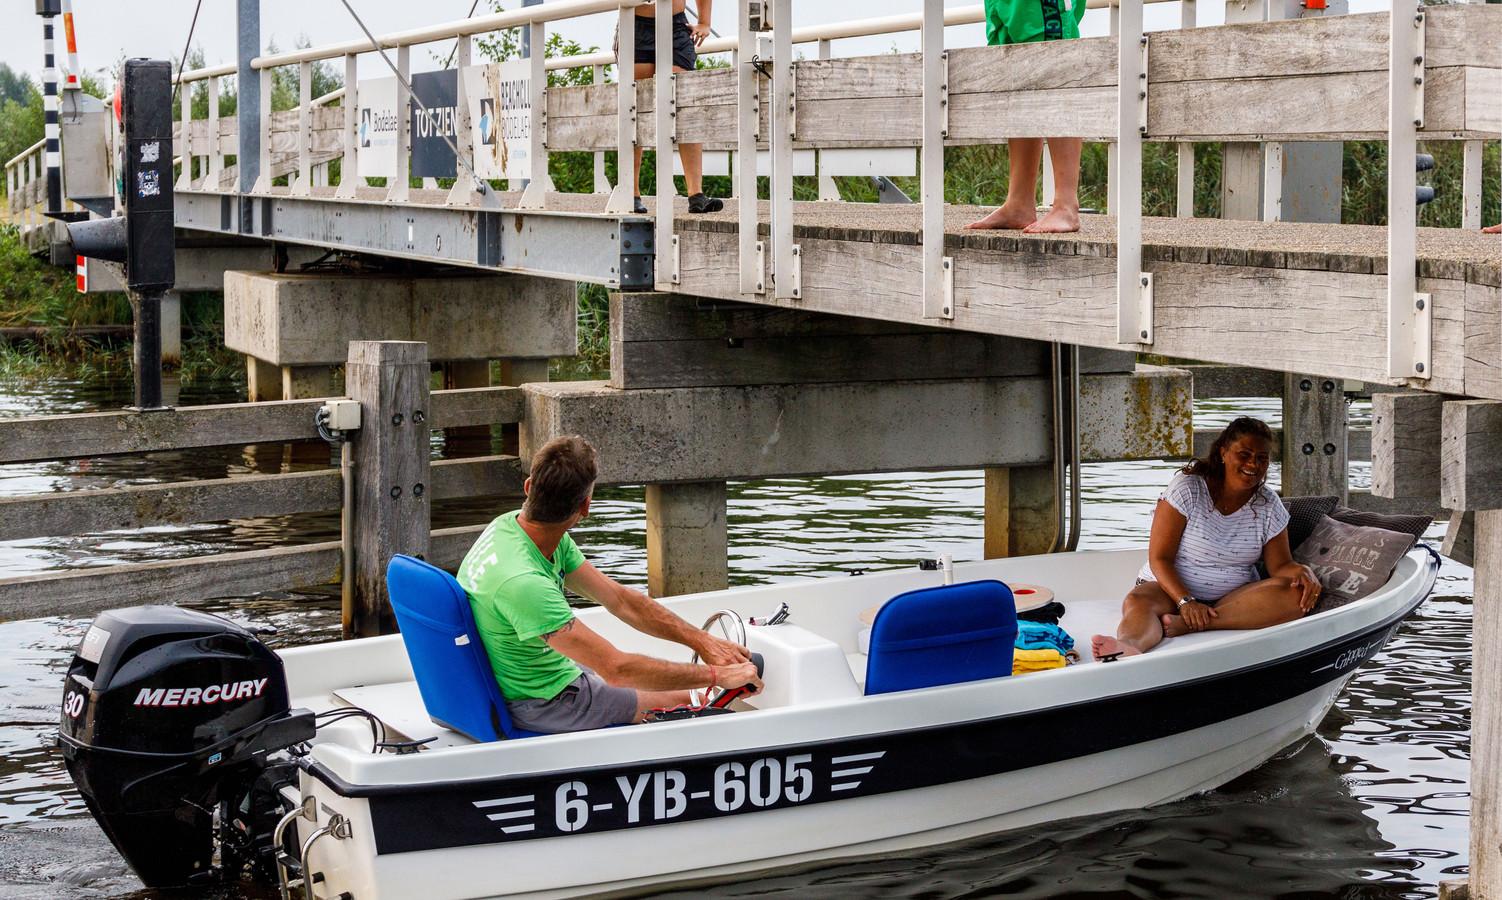 DS-2020-JANSKE - GIETHOORN - De brug bij vakantiepark Bodelaeke is populair bij de plaatselijke jeugd. Niet iedereen is daar blij mee... ©Martijn Bijzitter